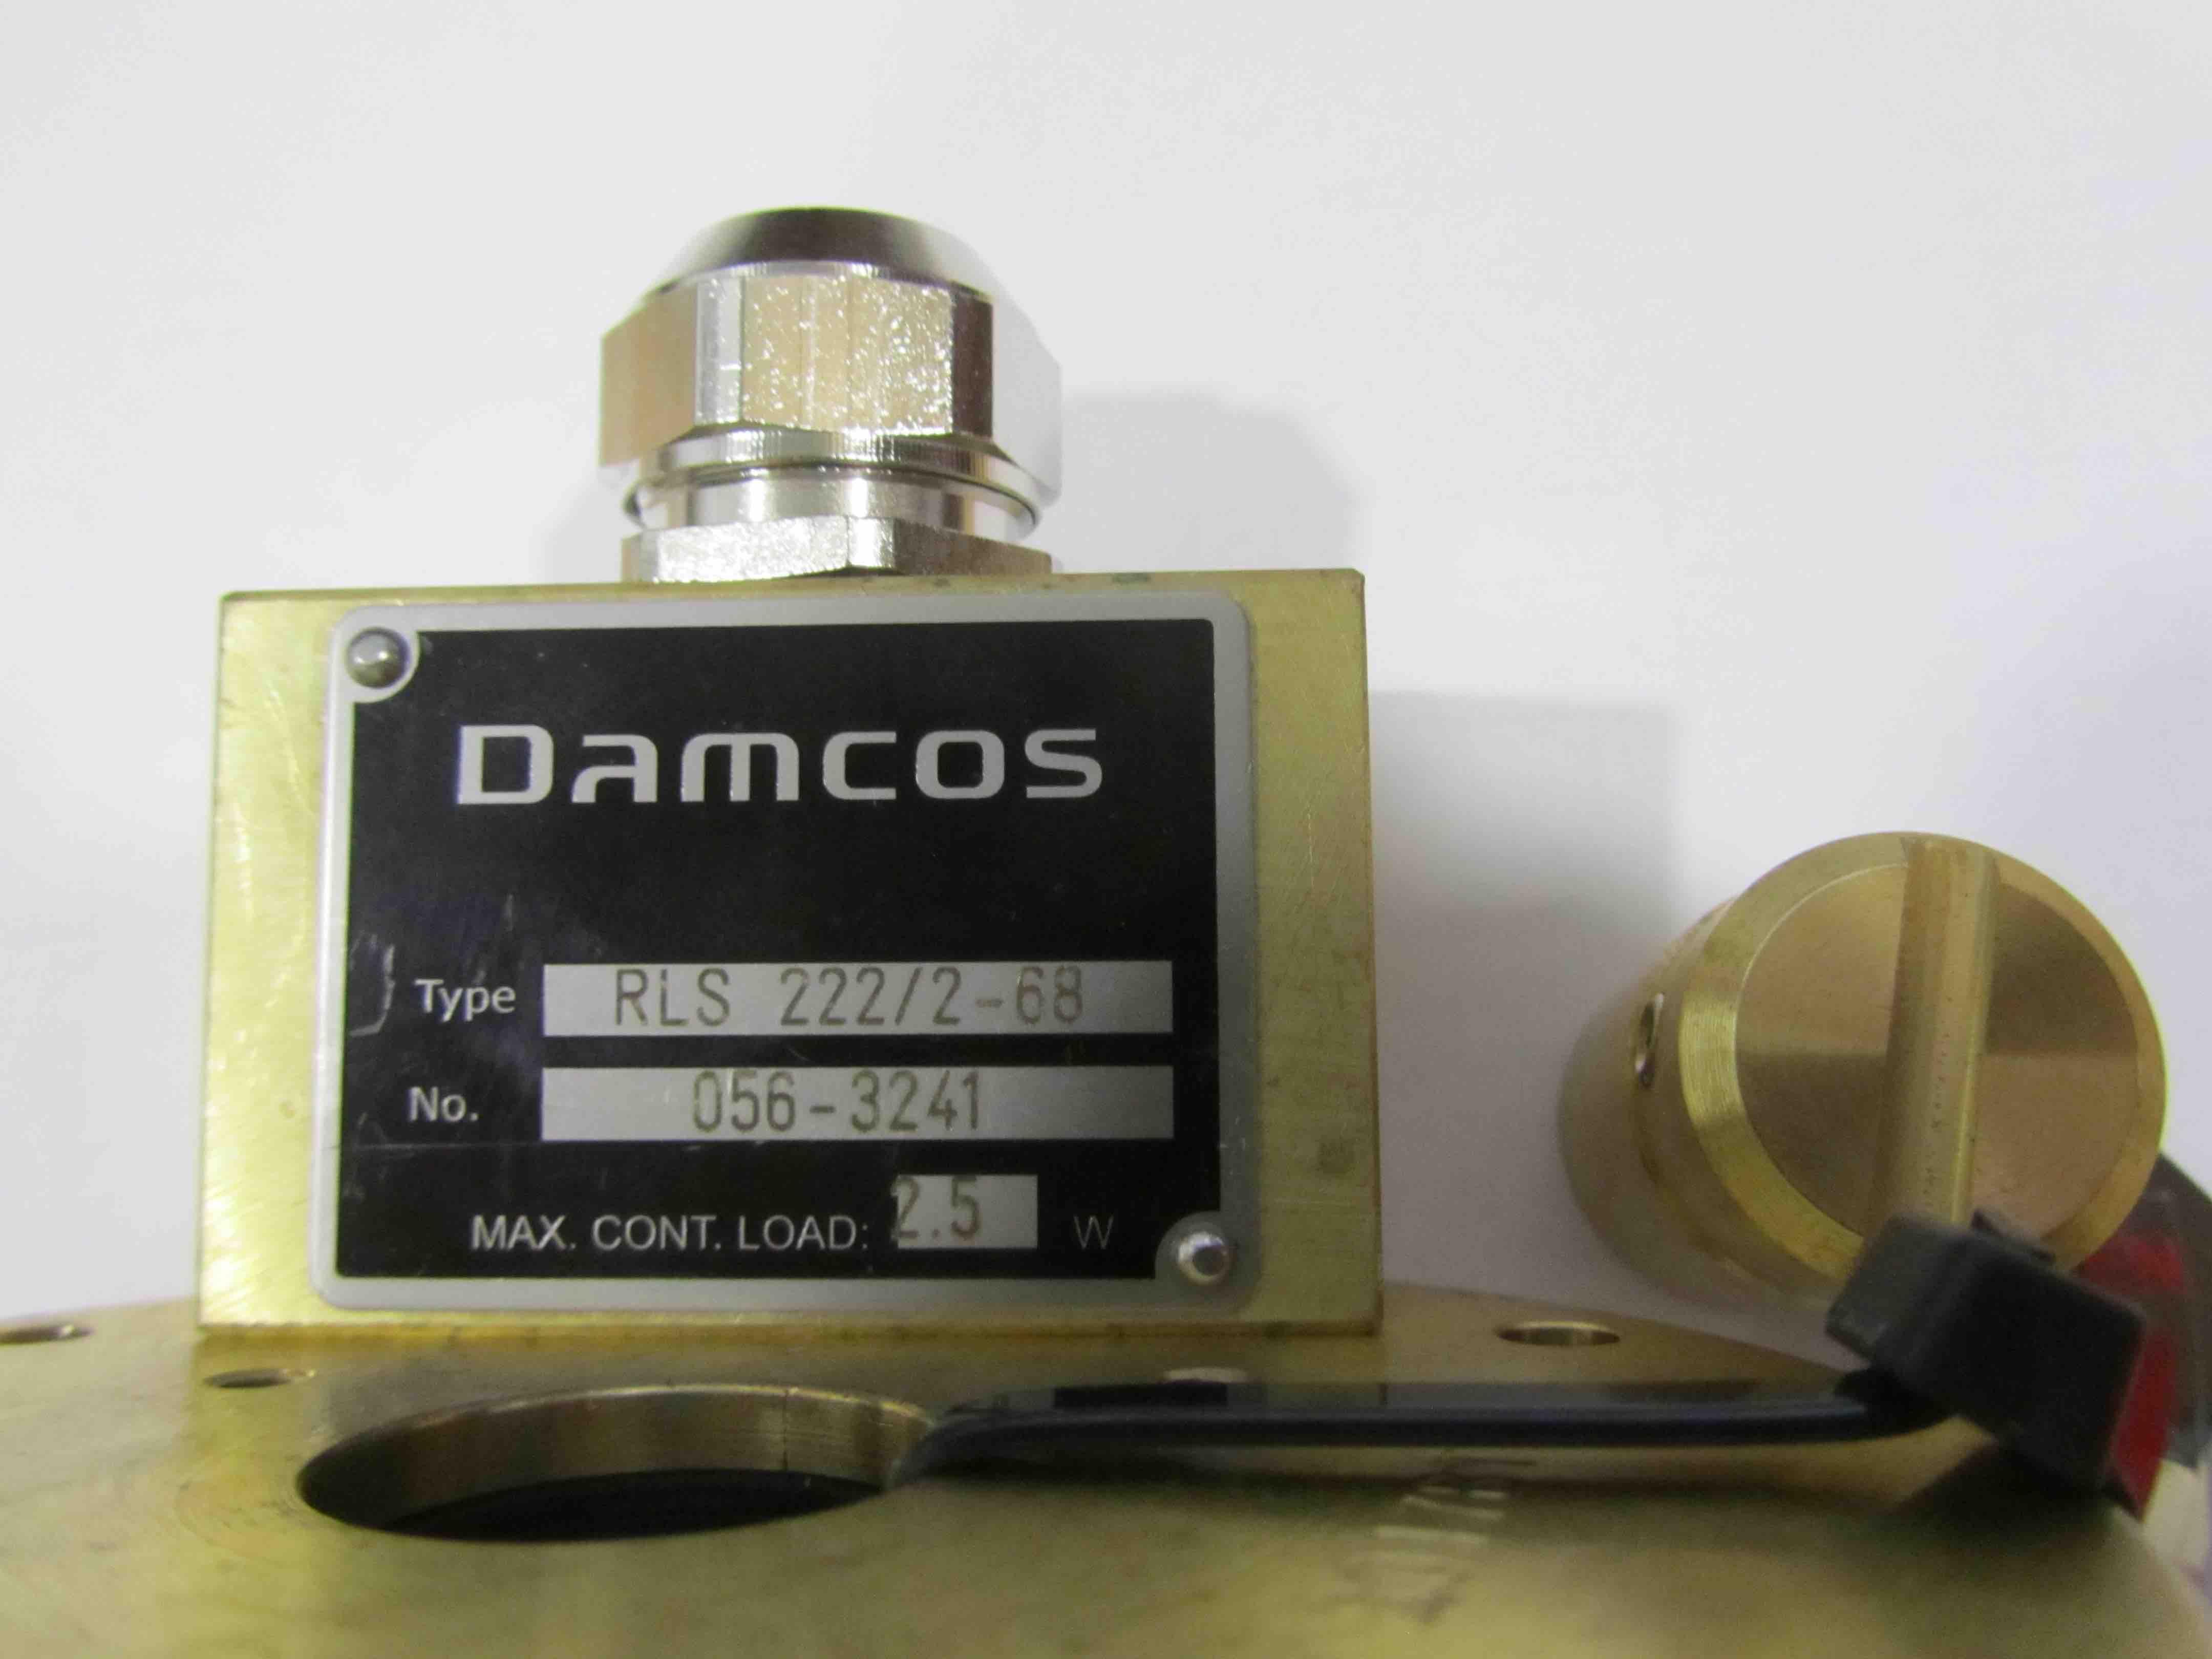 Damcos : Danfoss 056-3241